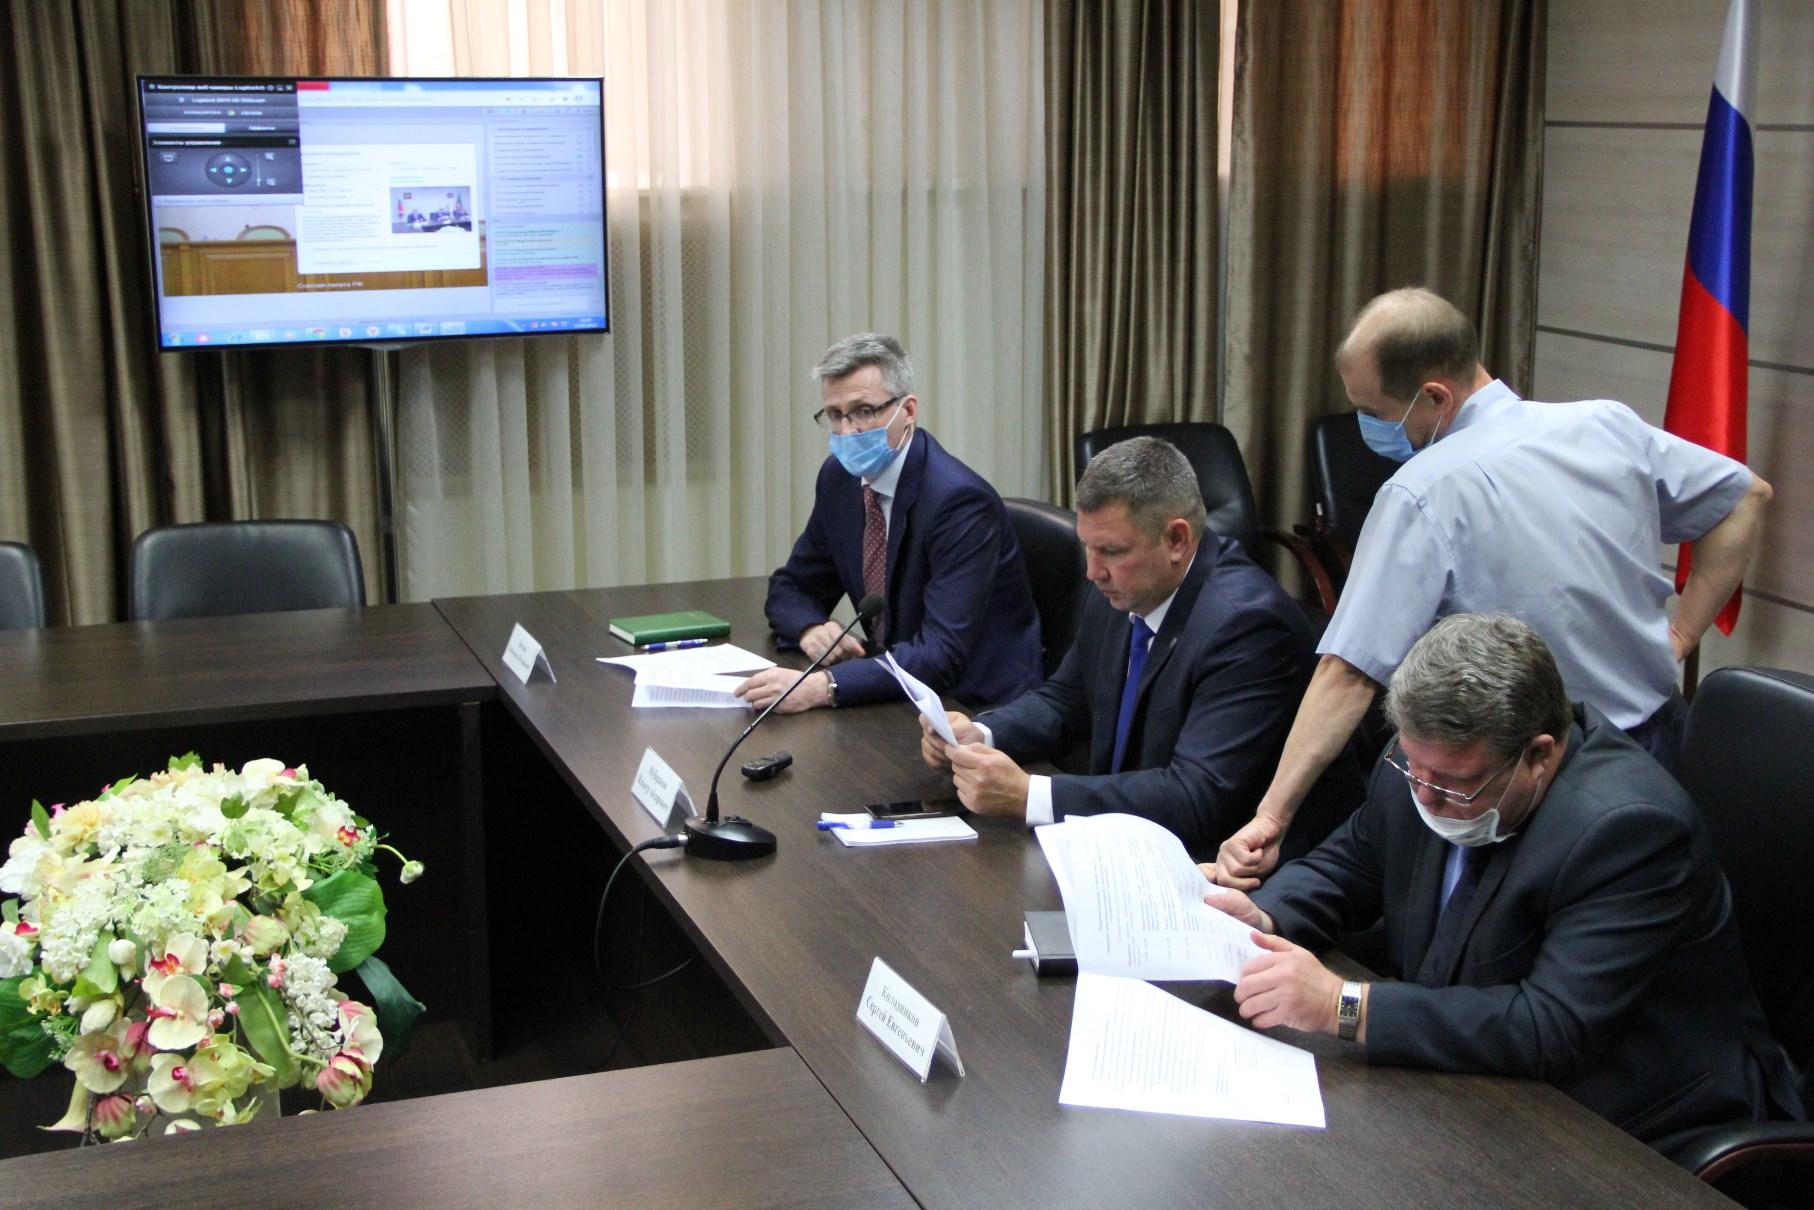 Семинар «Цифровые технологии в развитии и повышении эффективности государственного управления» в формате ВКС (3 сентября 2020 г.)